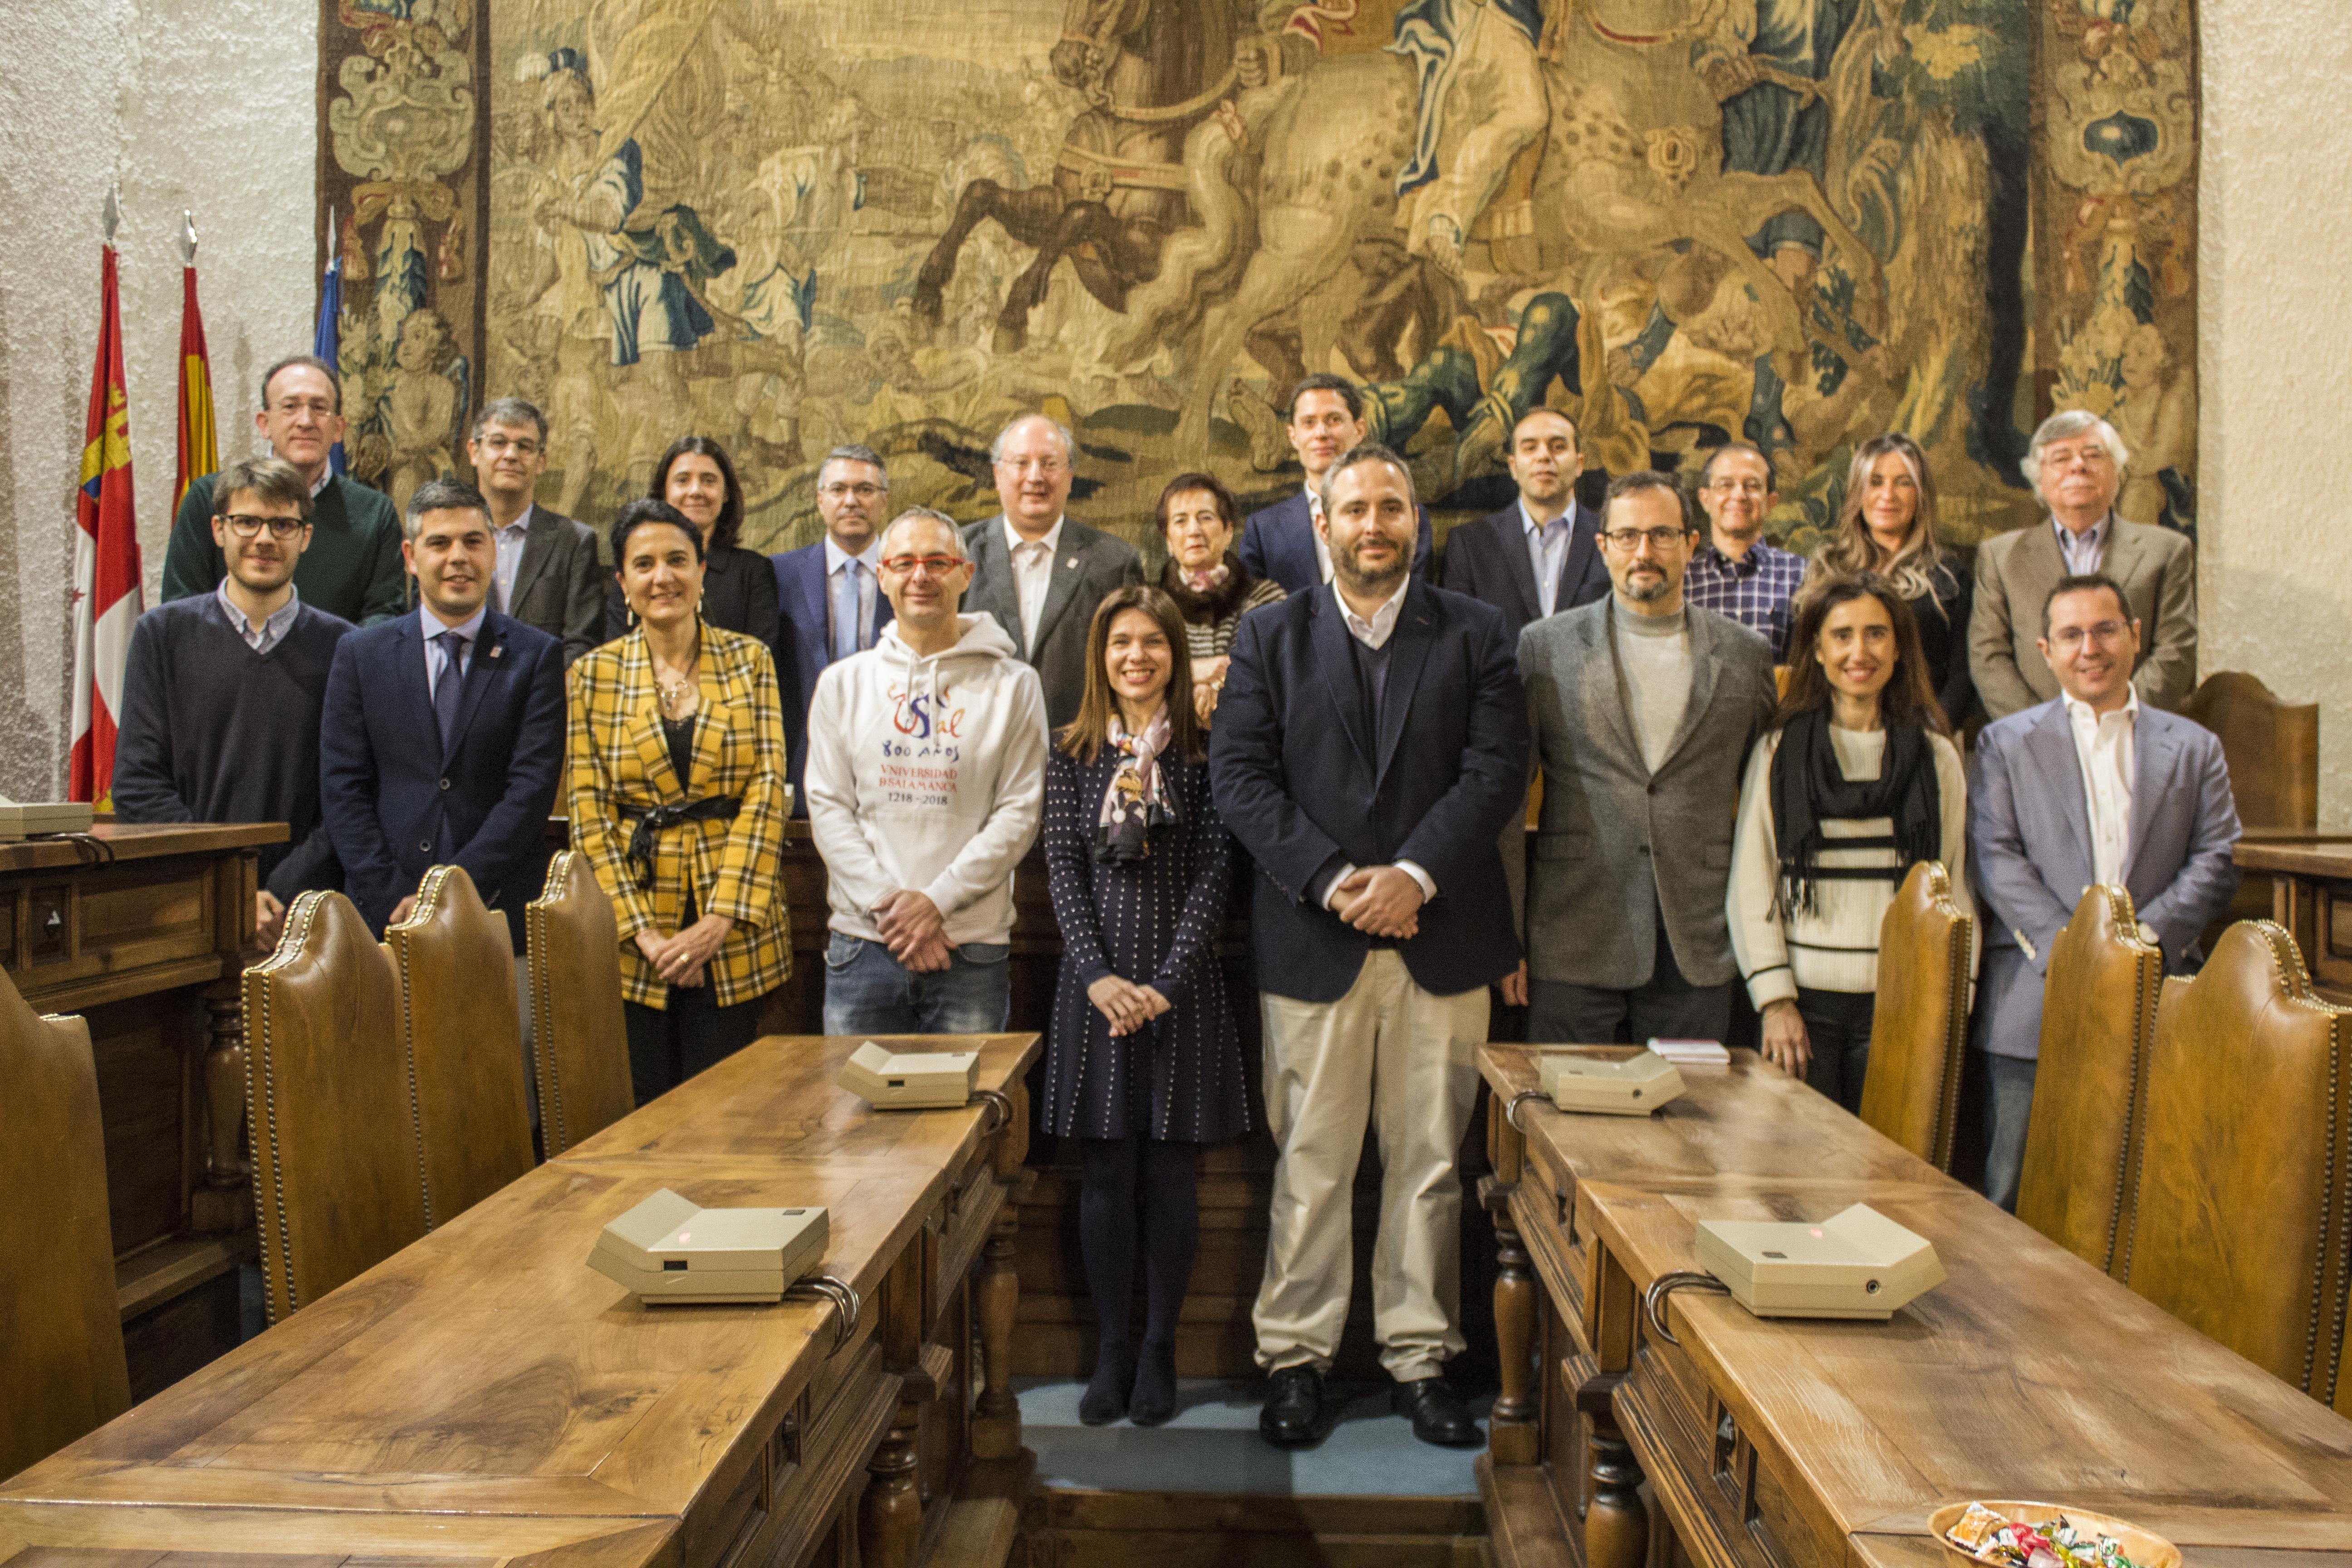 Beatriz Domínguez-Gil, Marieta Jiménez y Marcelino Oreja, nuevos socios de Honor de Alumni-Universidad de Salamanca 2019